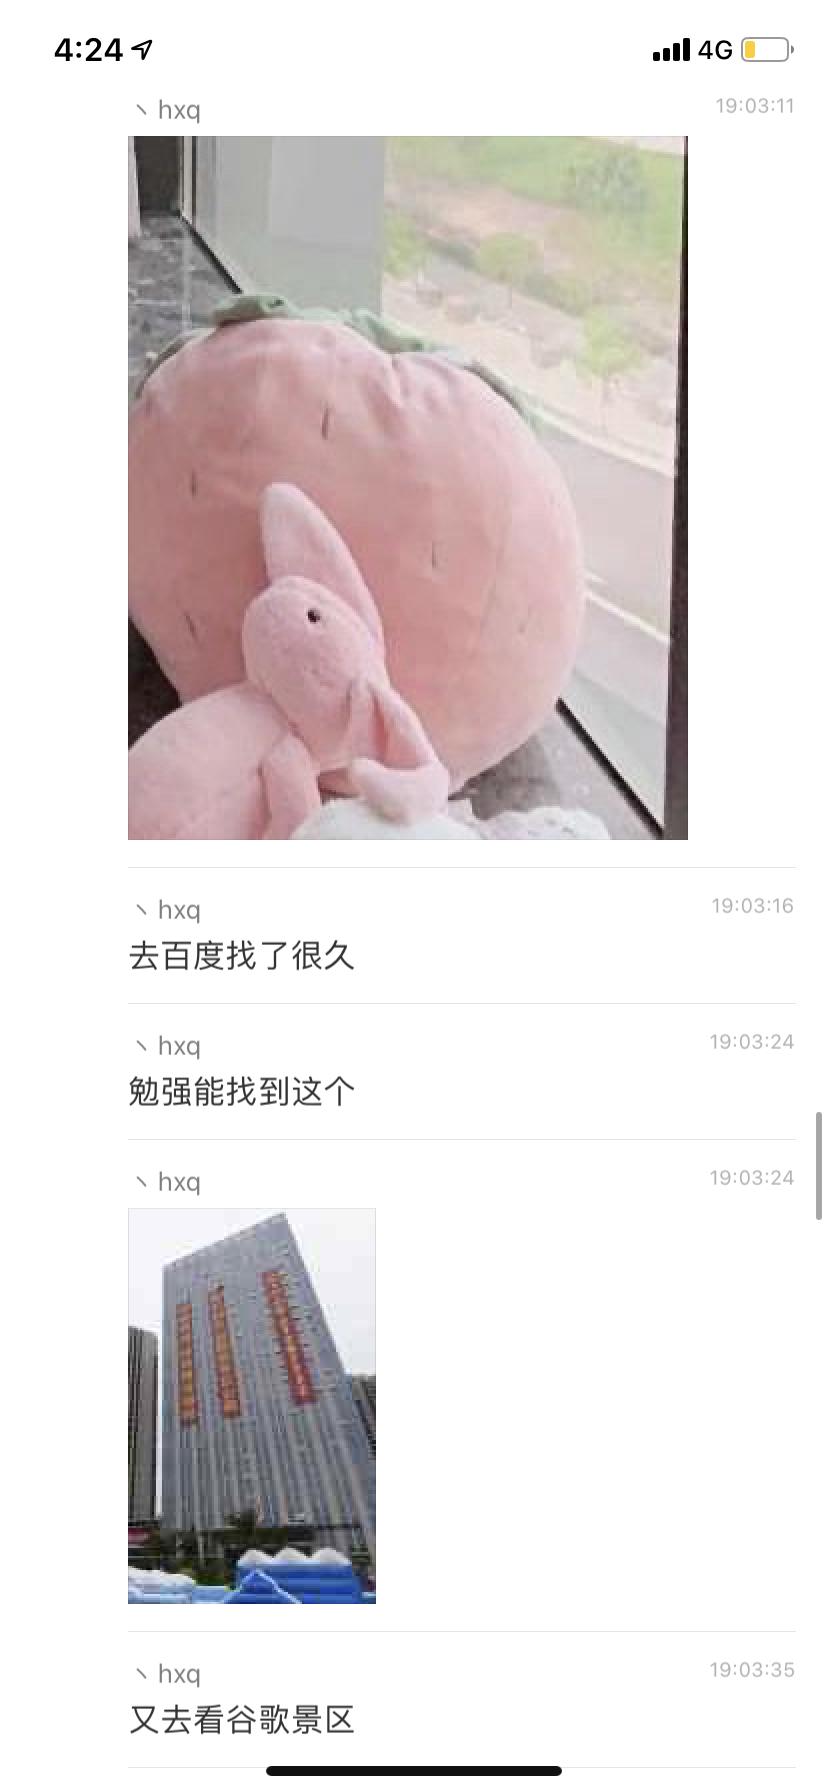 """福利姬""""快点亲亲我吖""""拍照秀美图被侦查破解住址!-sao-『游乐宫』Youlegong.com 第12张"""